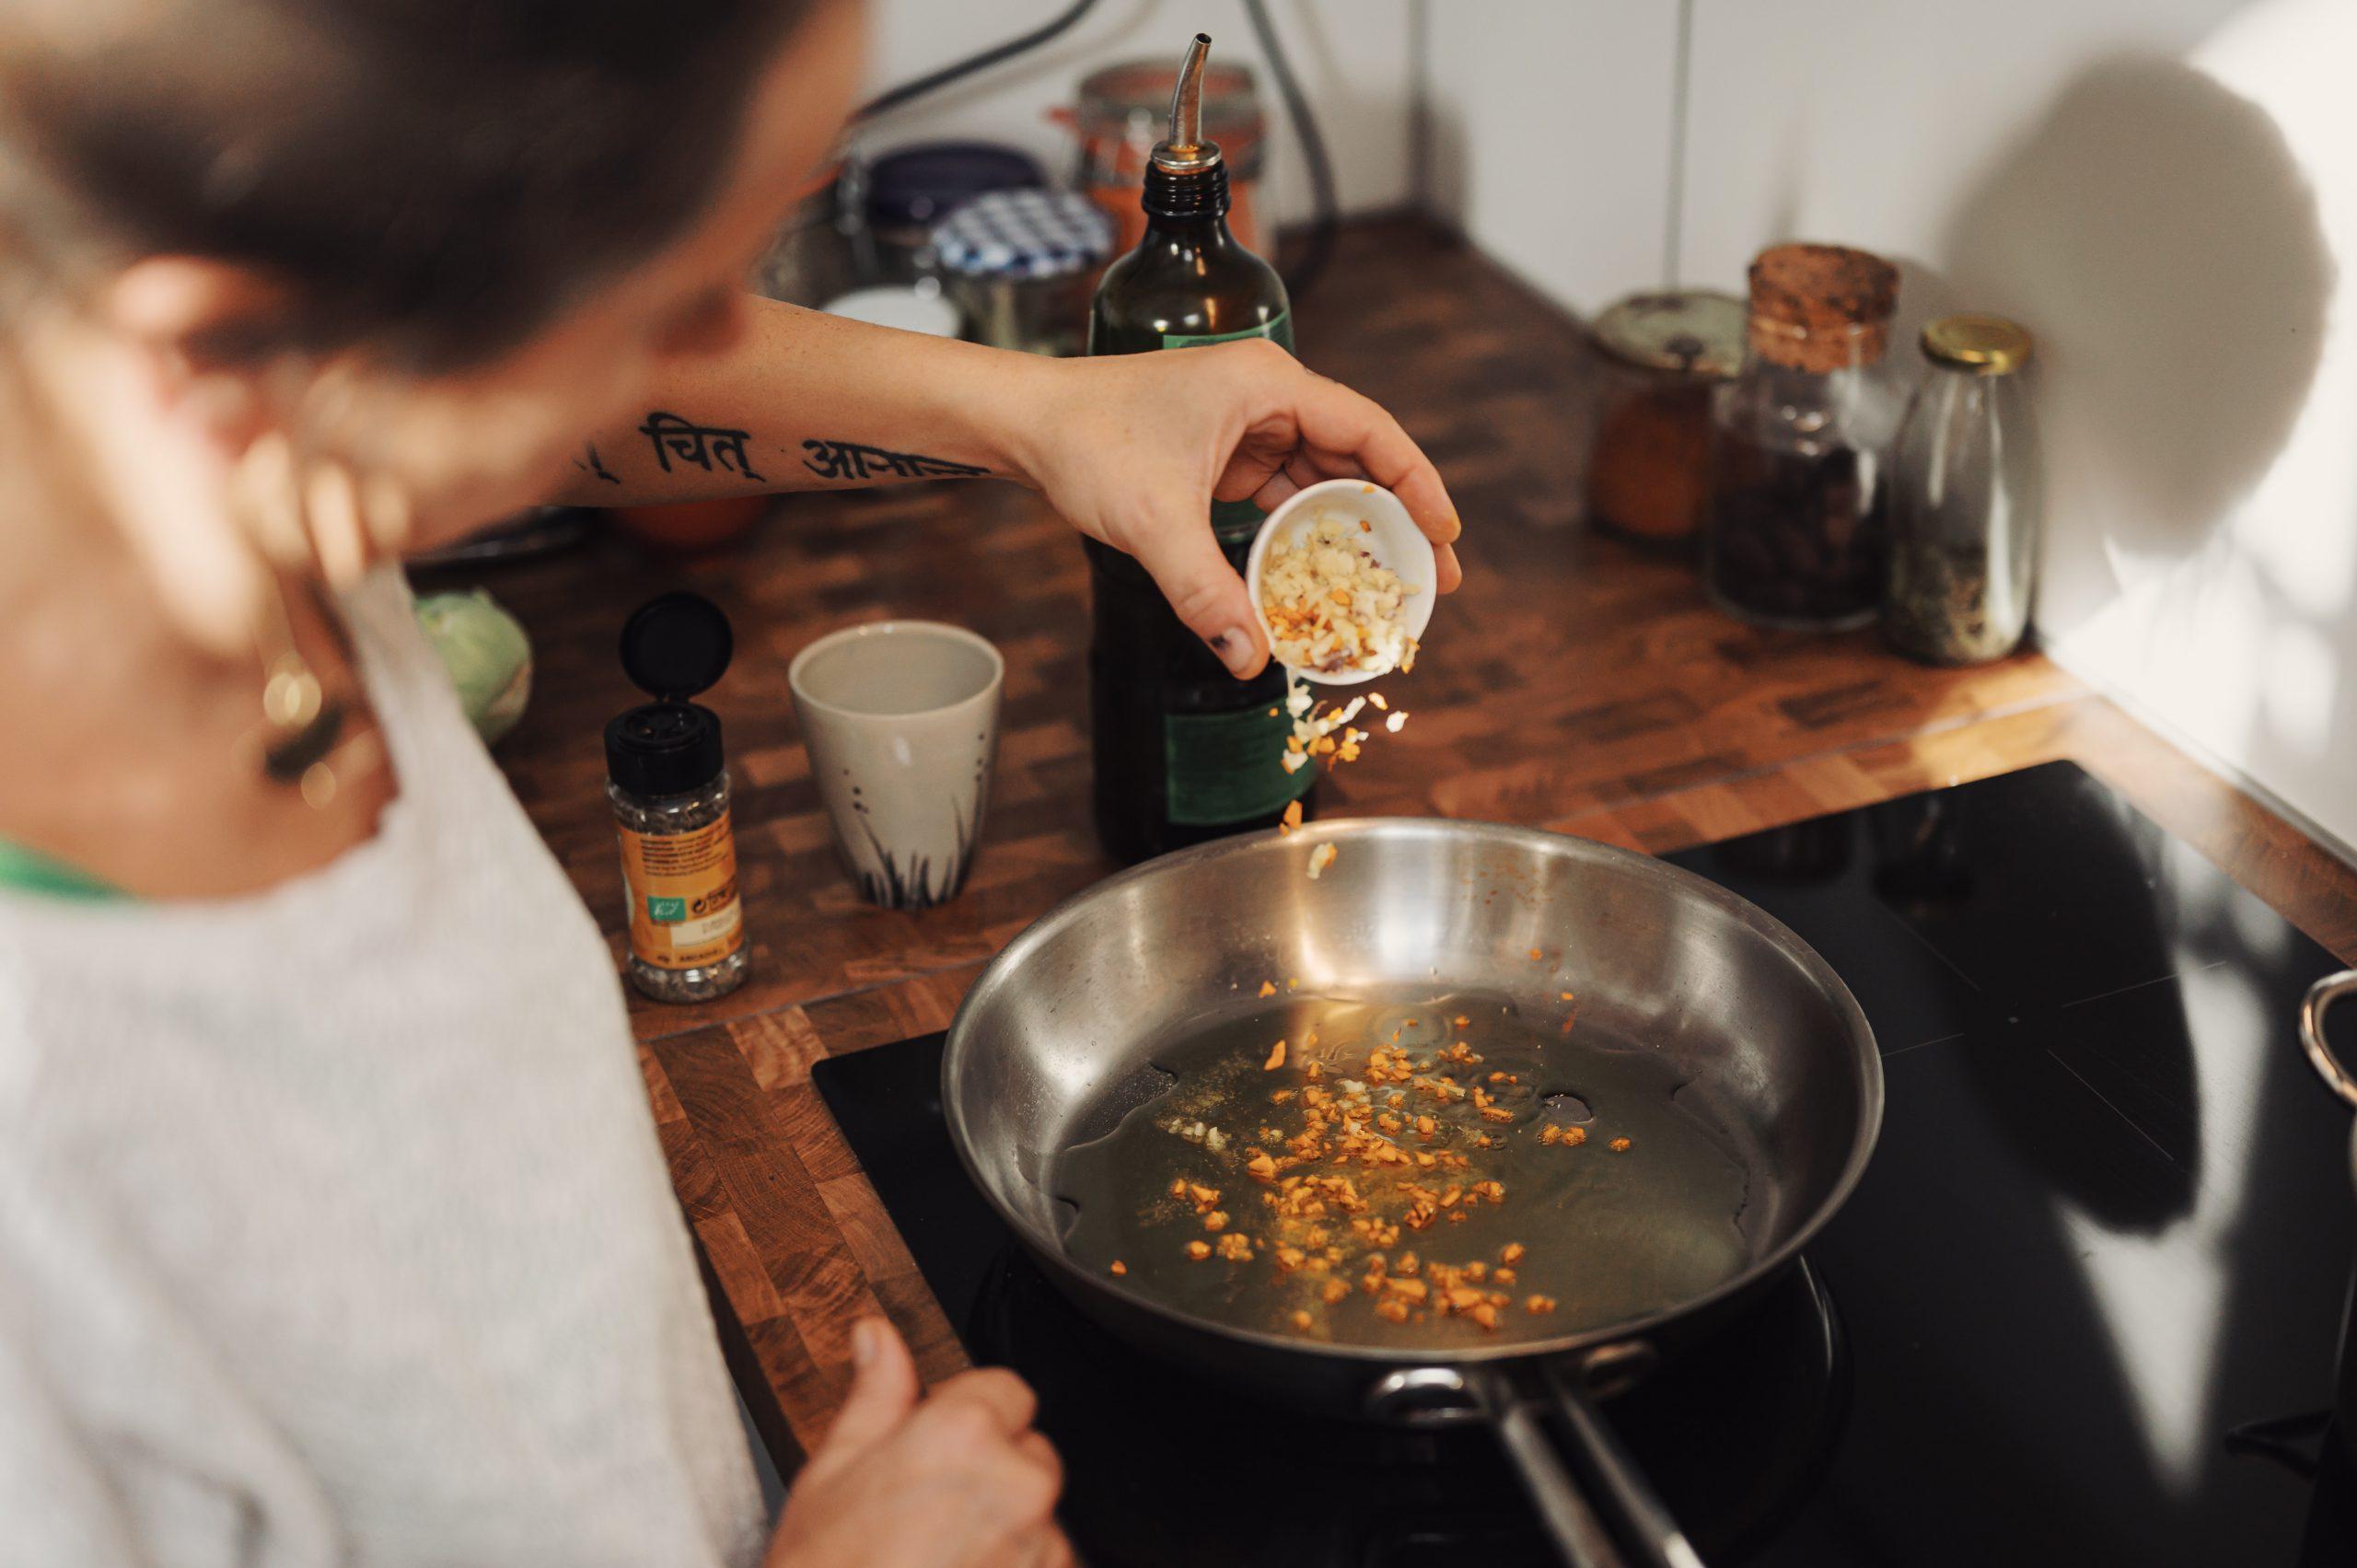 Vrouw kookt op inductie